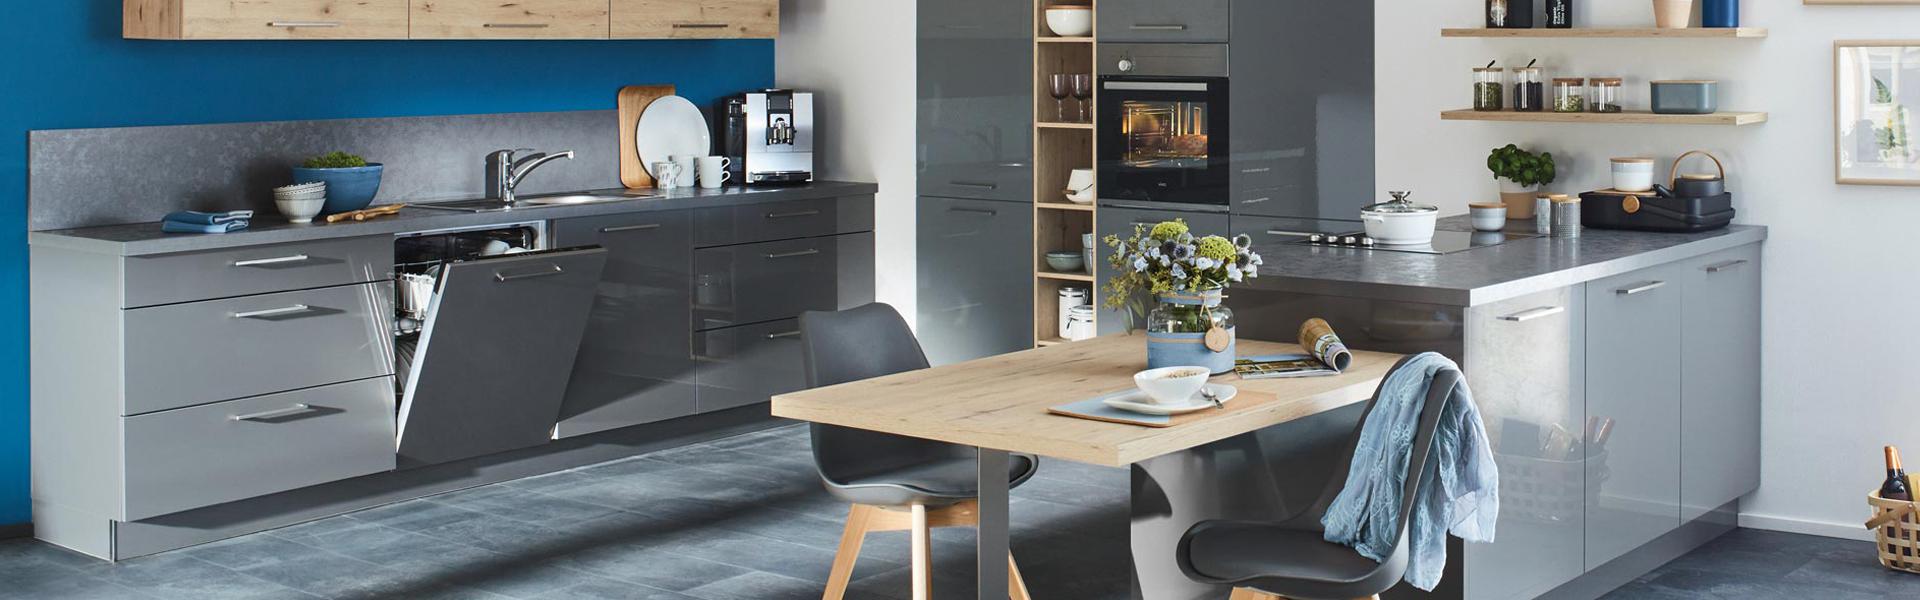 Küchen Tv | Tv Wohnzimmer Möbel Sarah Maier Innen Aussergewöhnlich Sarah